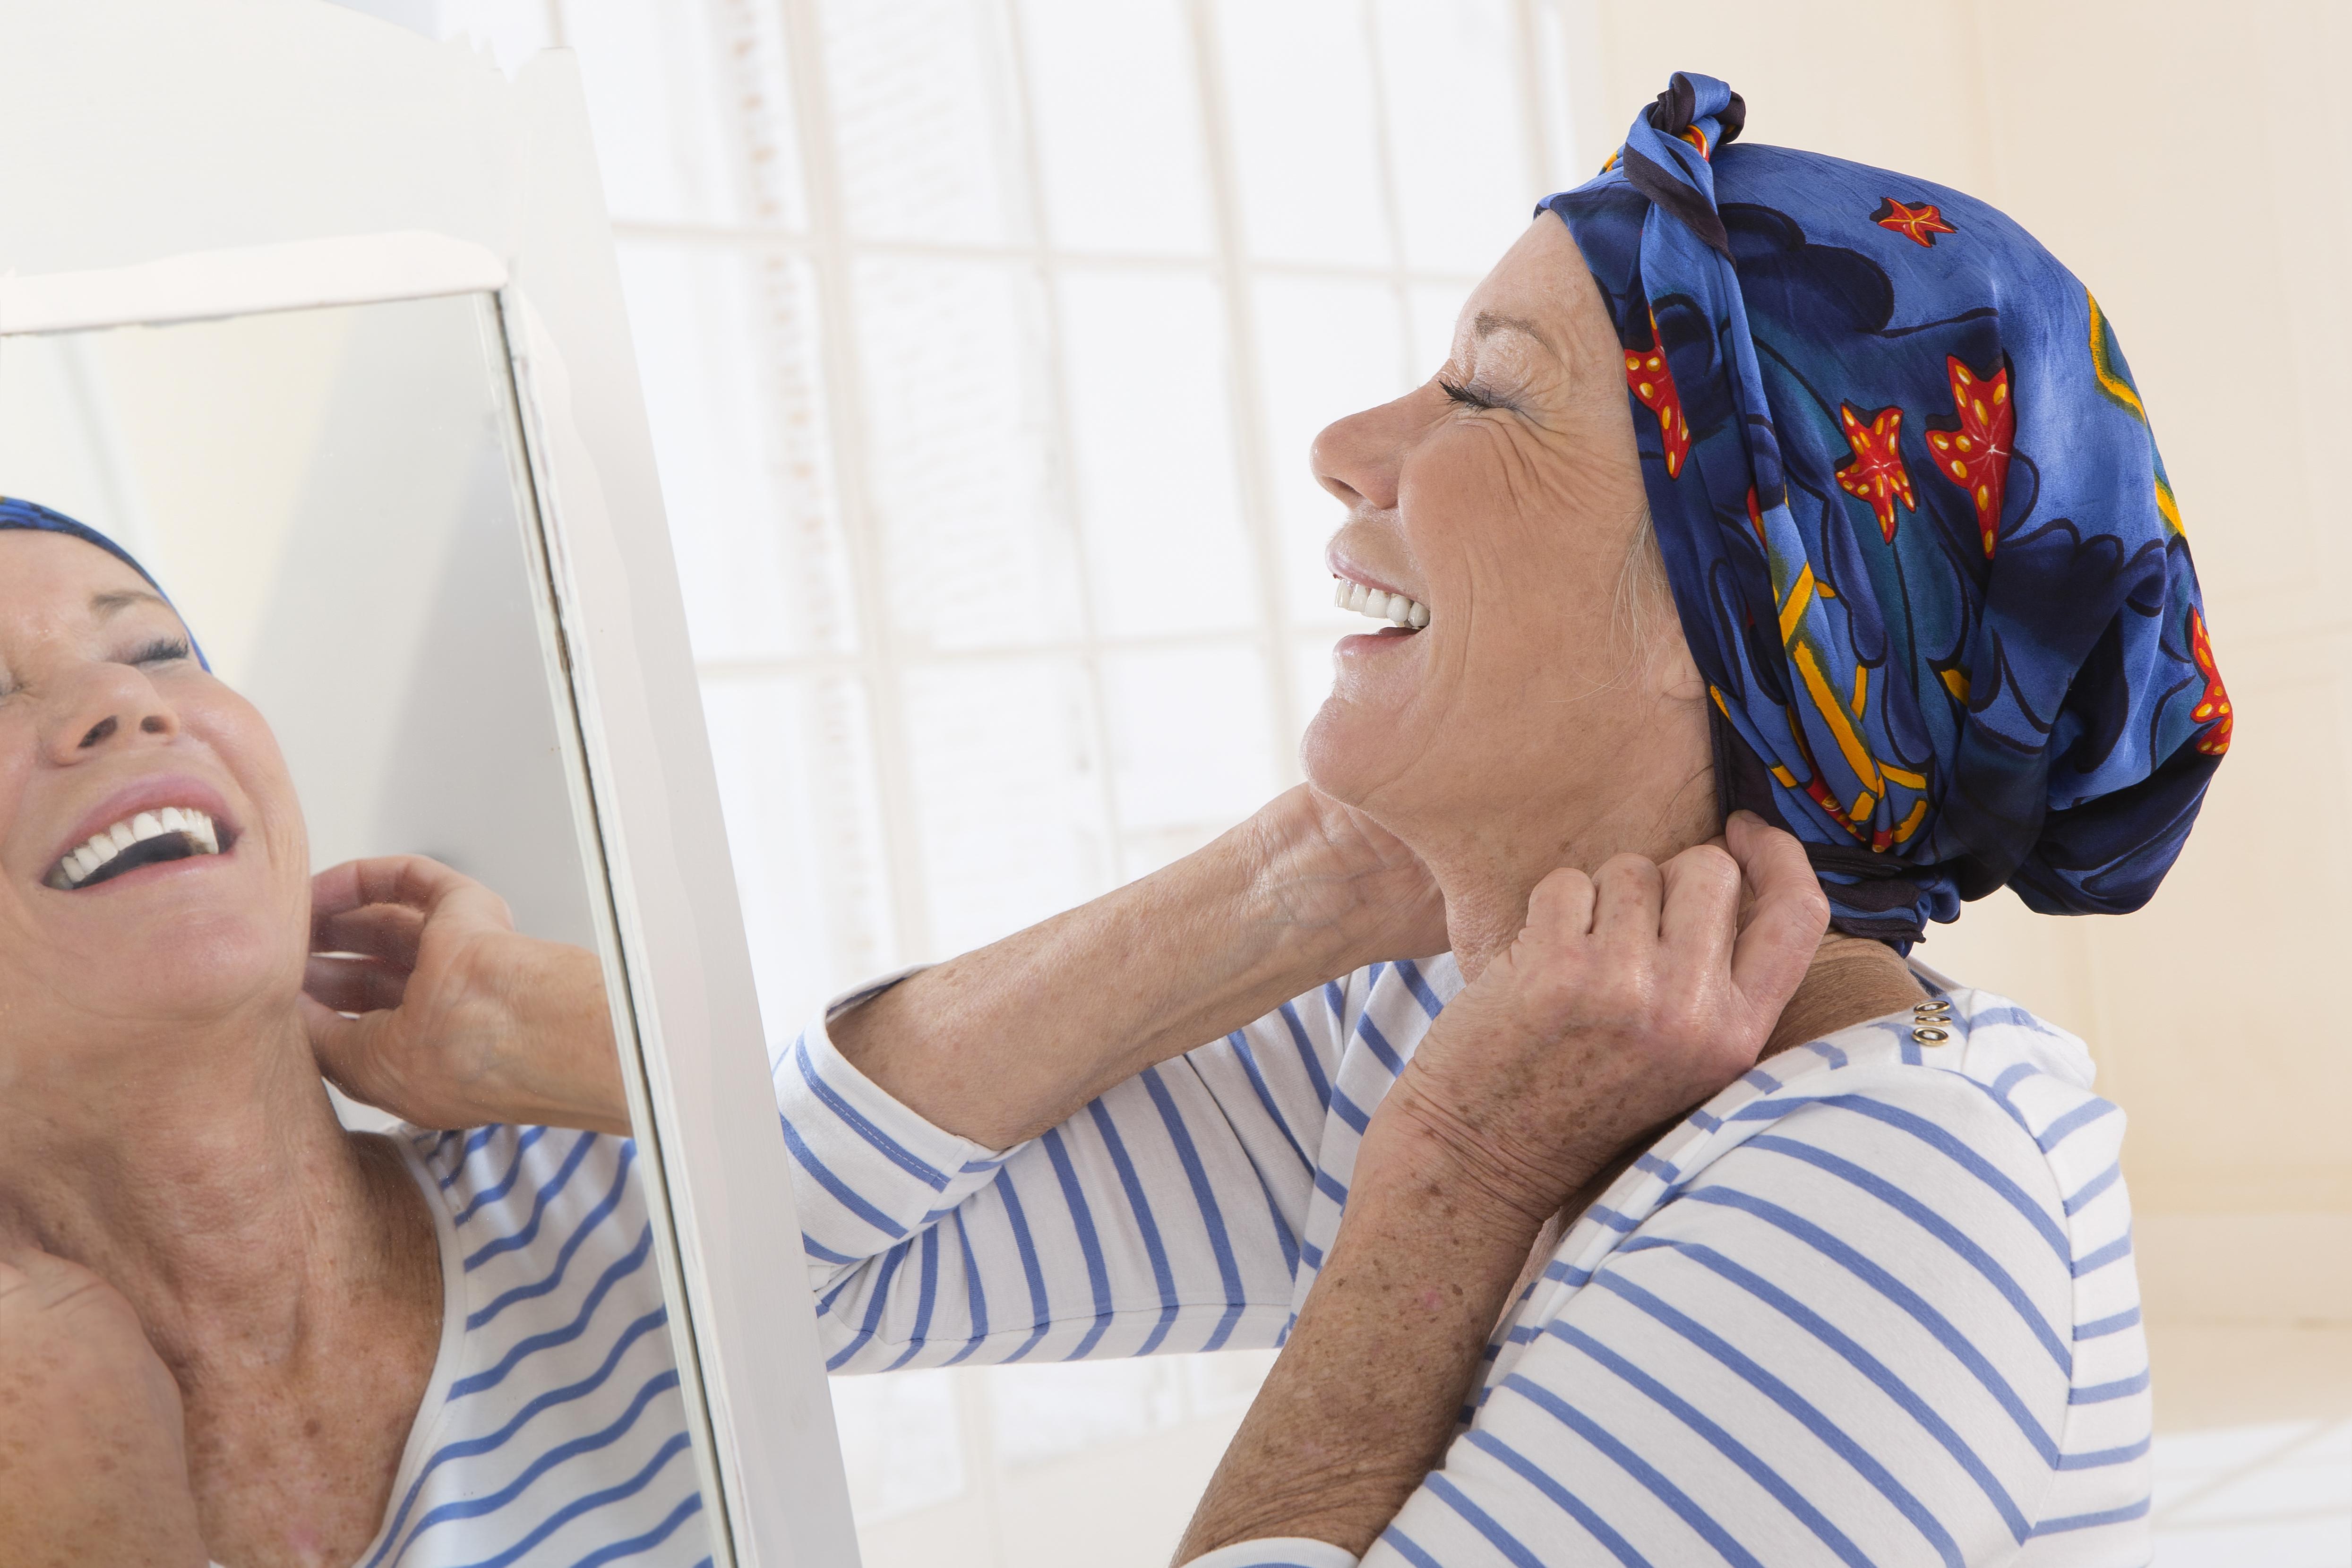 Koppens ålder påverkas av olika livsstilsfaktorer som antingen påskyndar eller motverkar kroppens biologiska åldrande.